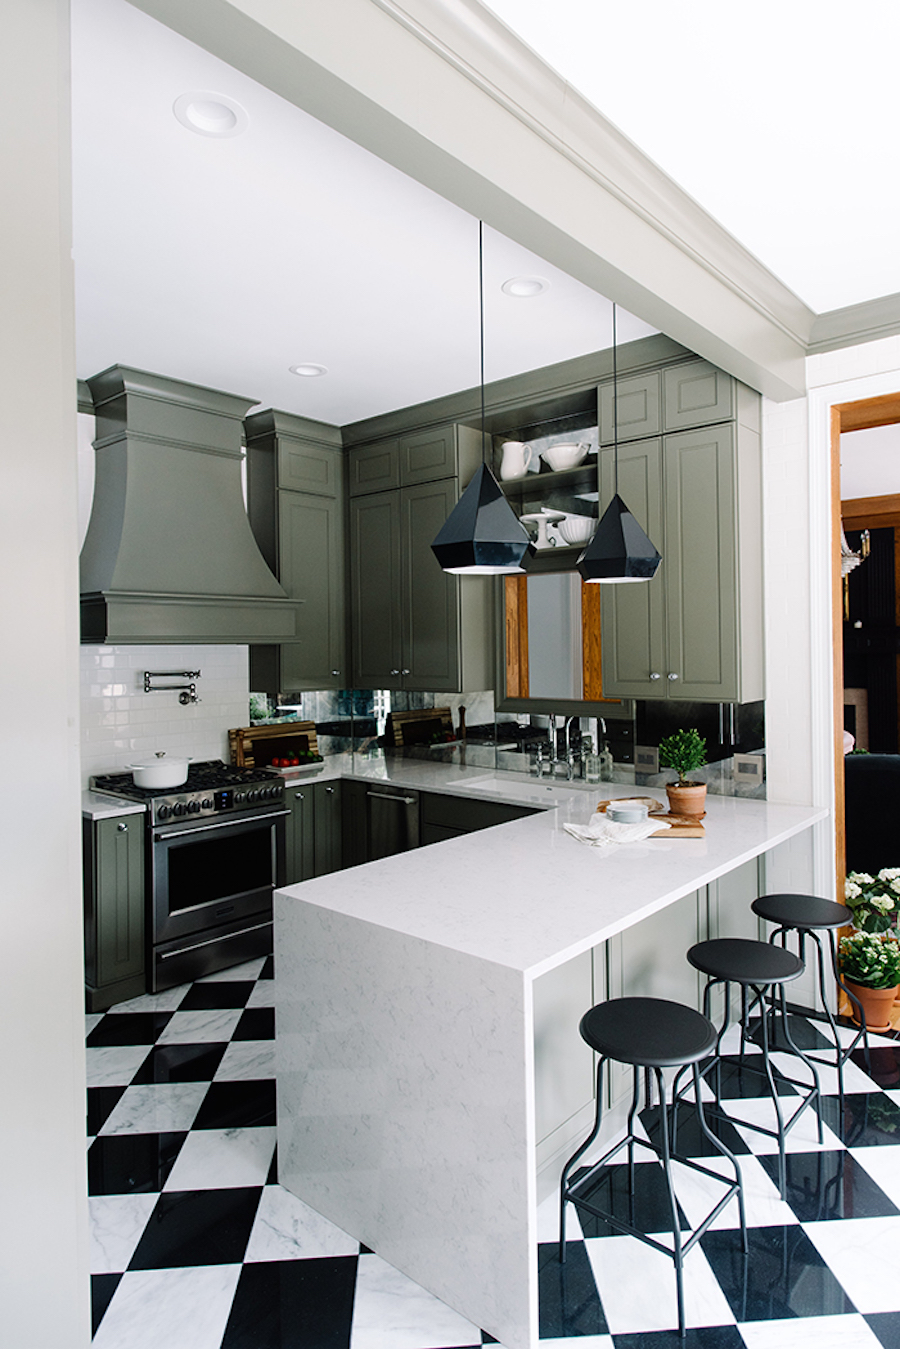 Sage-green kitchen-cabinets